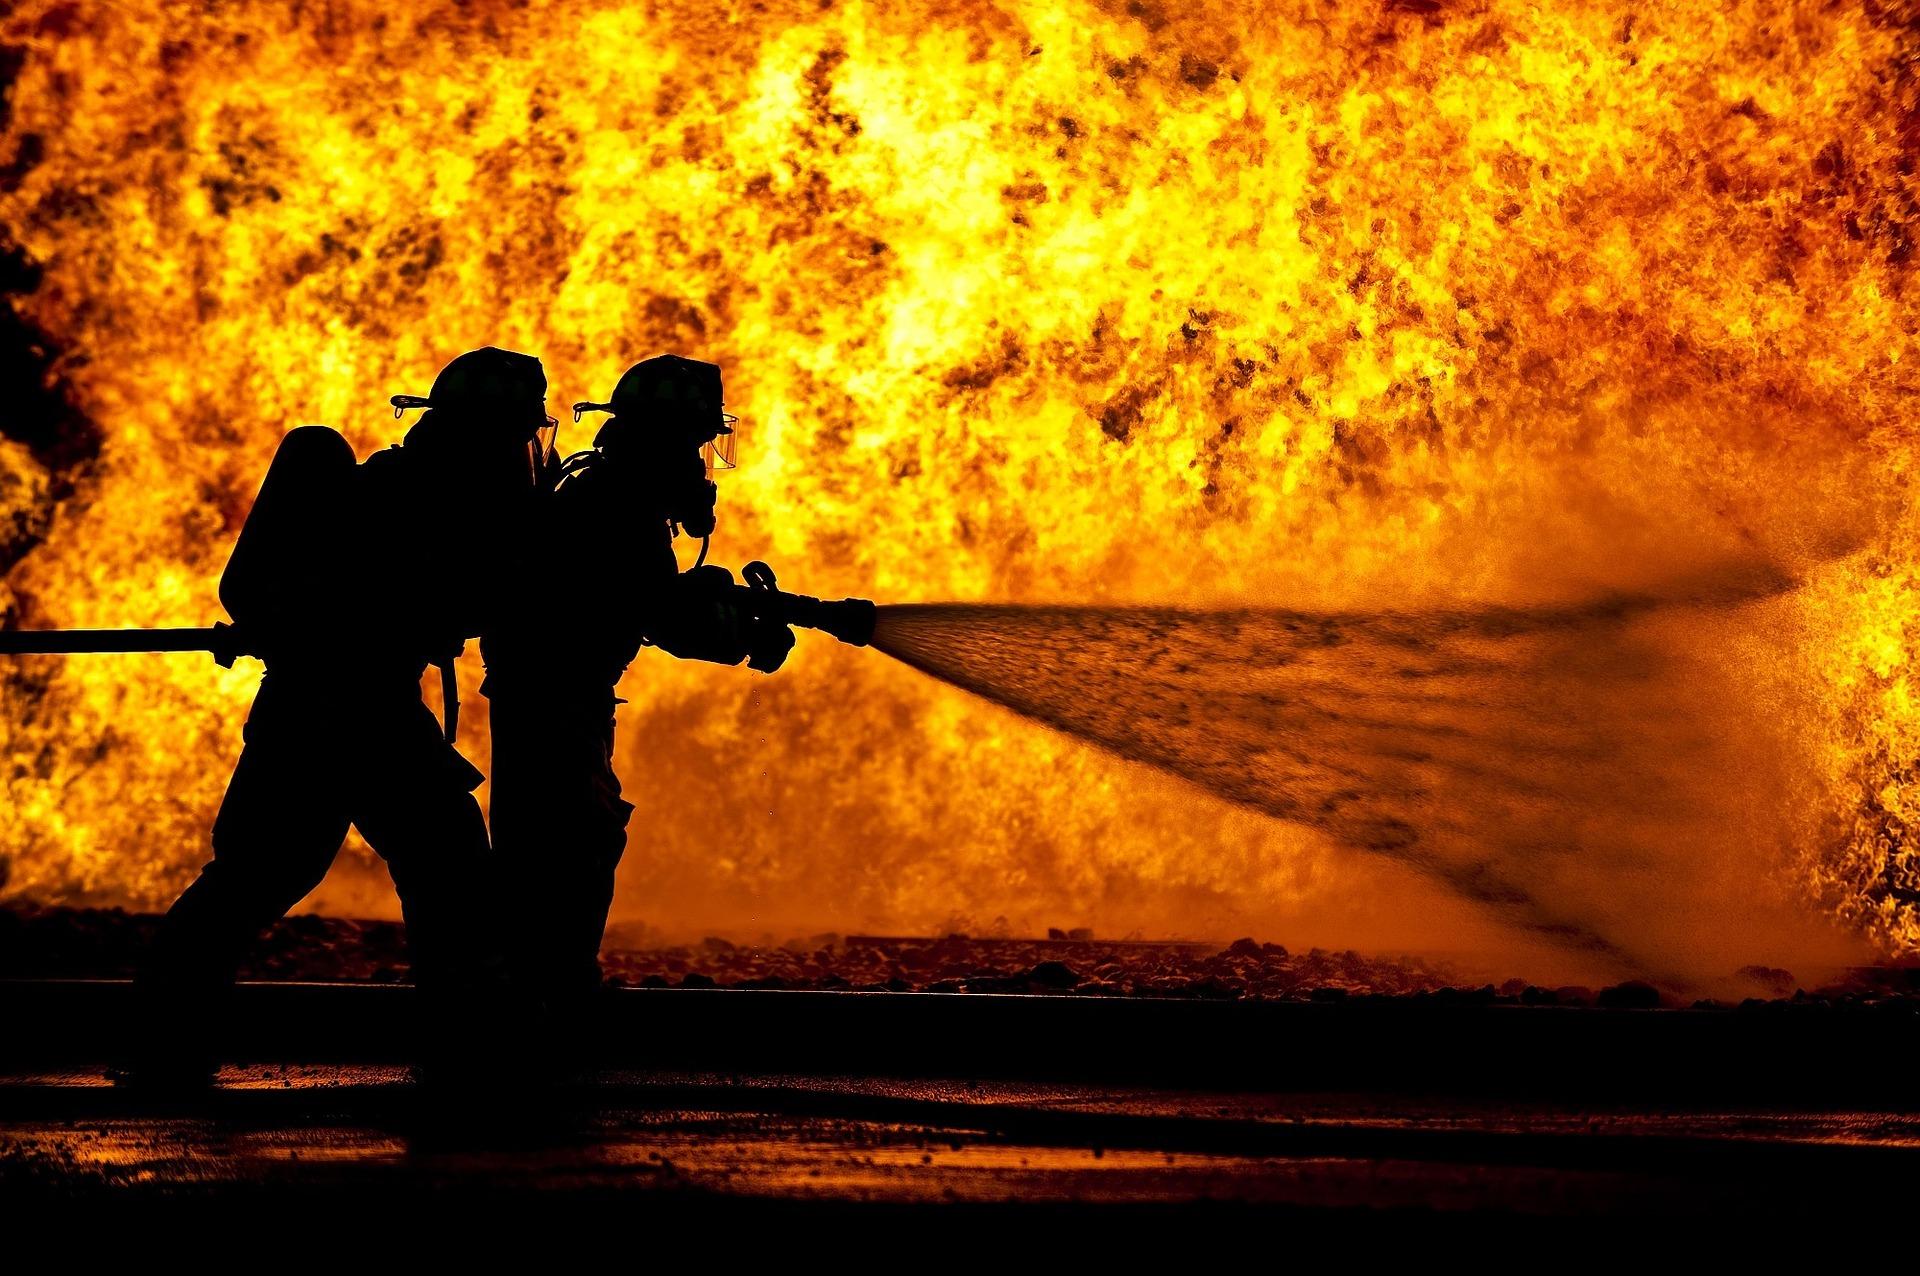 Les pompiers mobilisés :Plusieurs incendies hier soir au Luxembourg